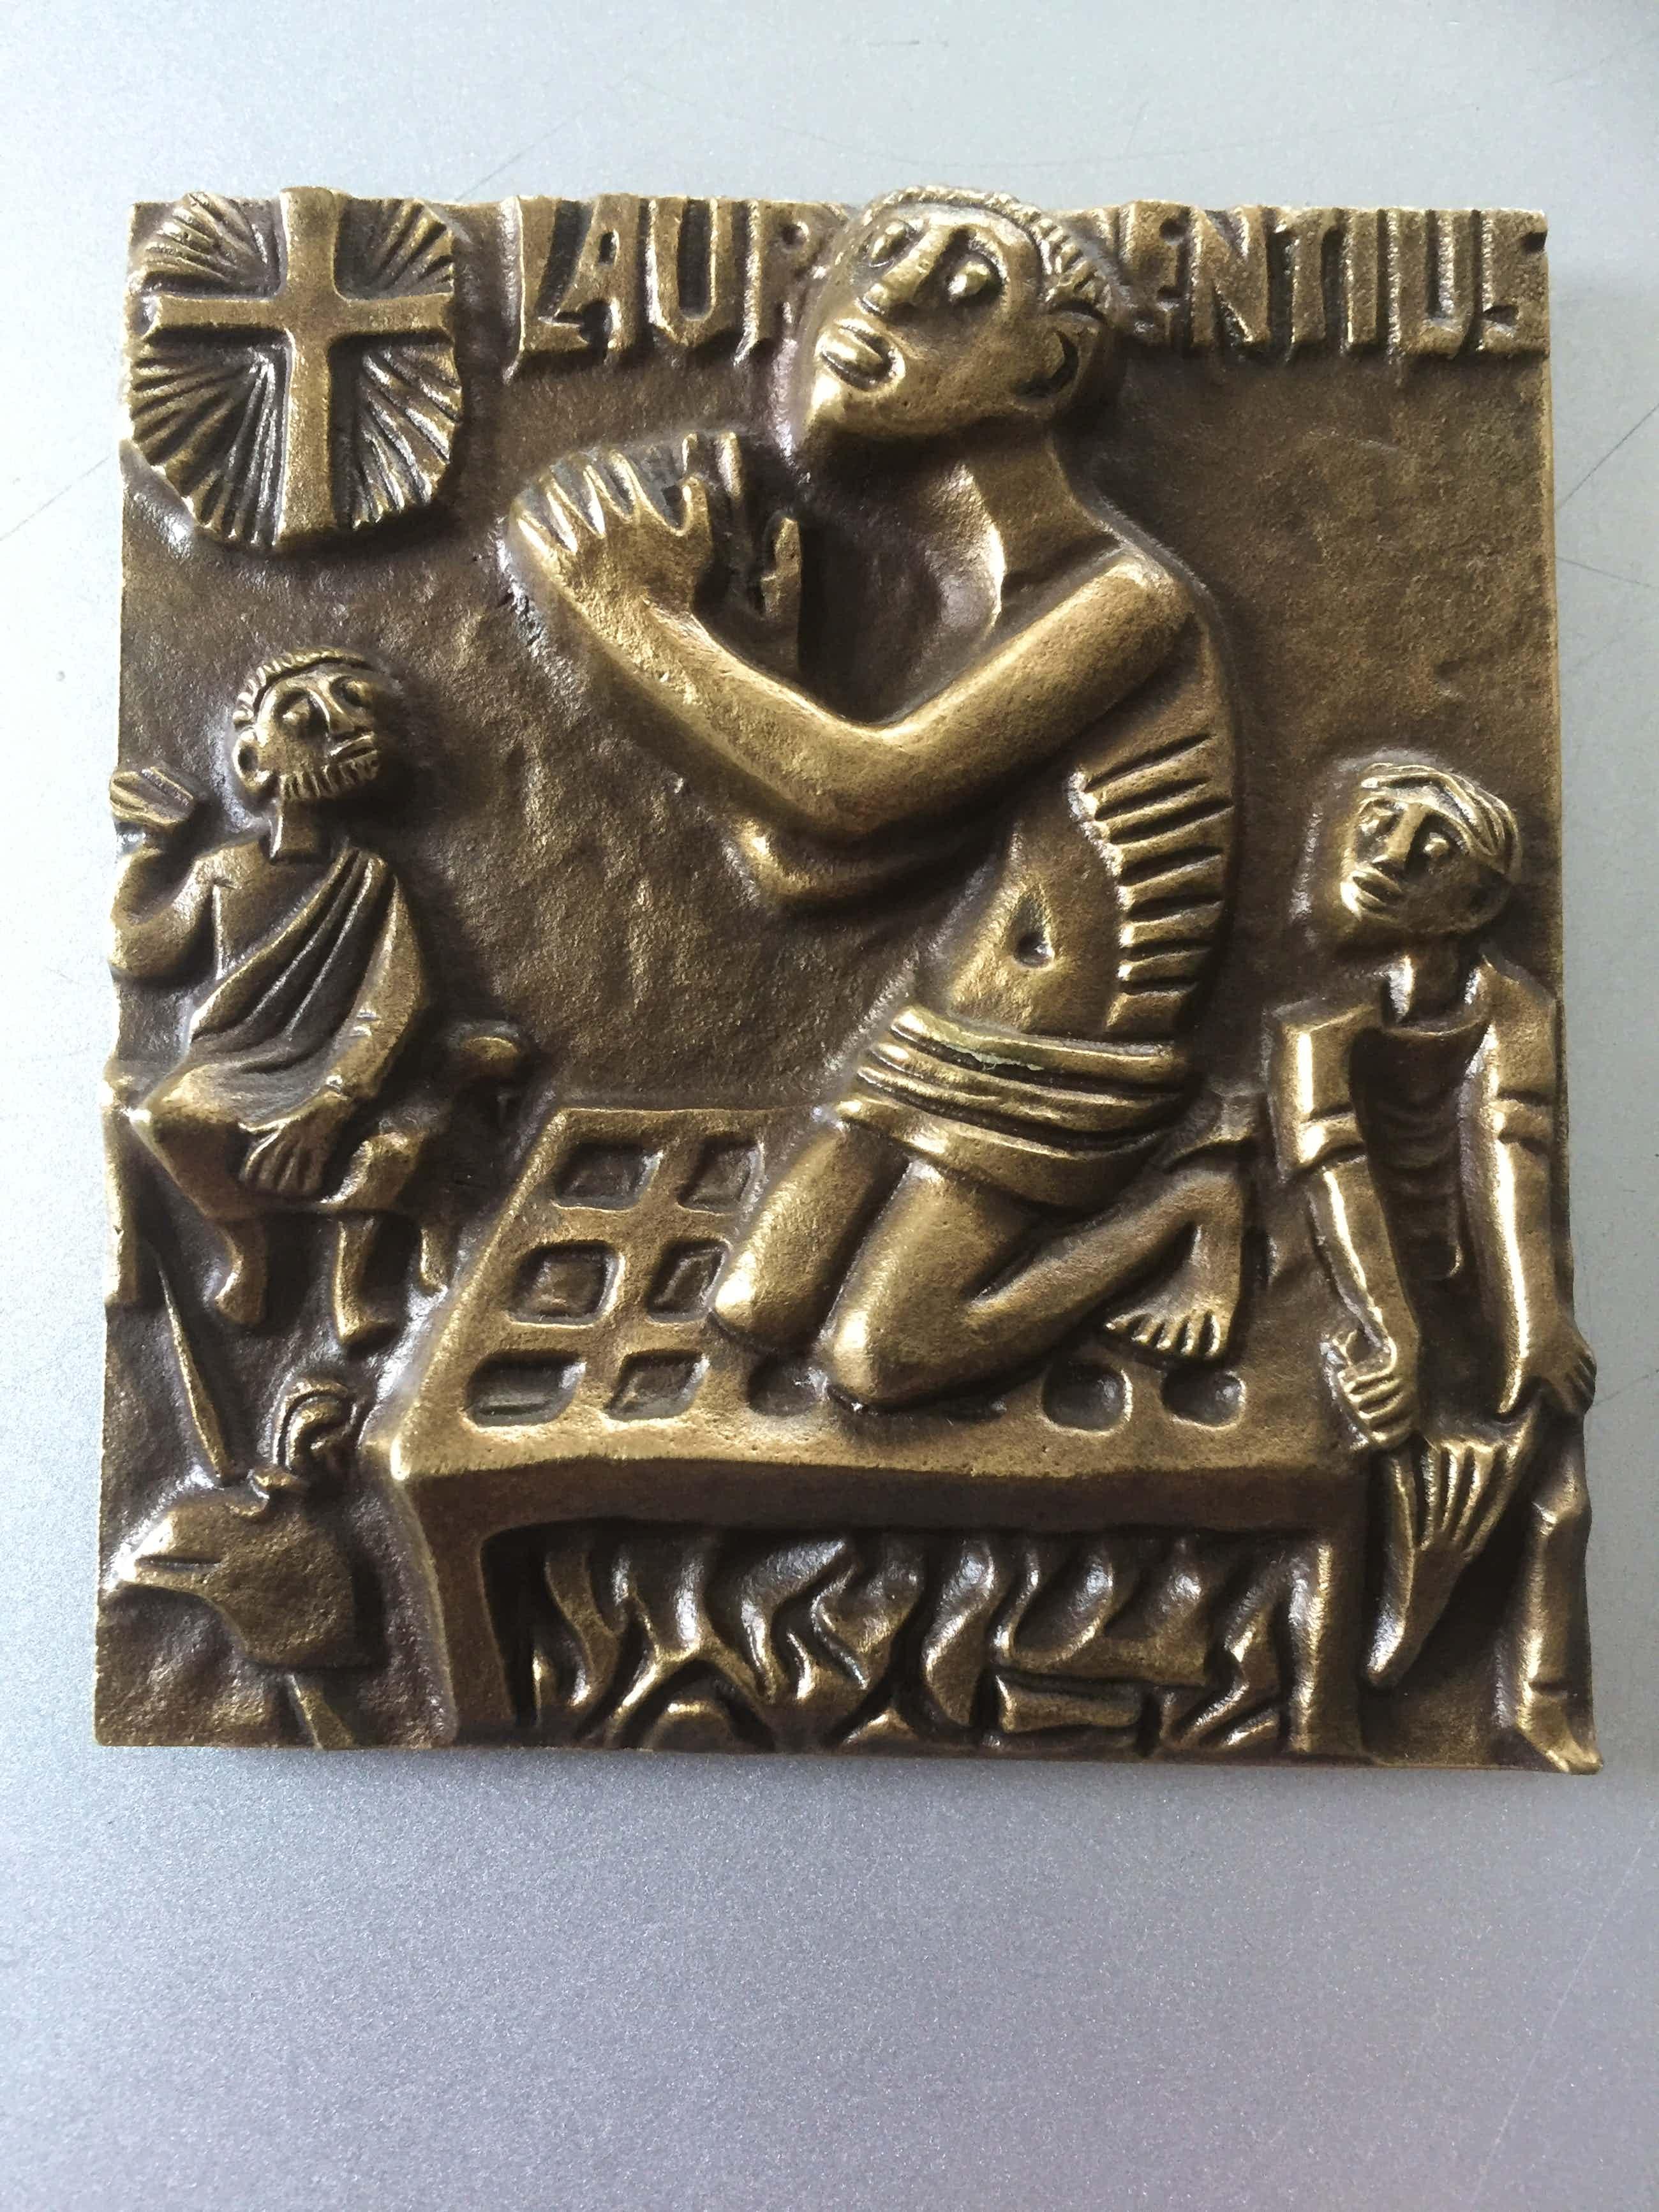 Brons (Onbekend) - PLAQUETTE MET IN RELIËF DE H. LAURENTIUS OP HET ROOSTER kopen? Bied vanaf 59!